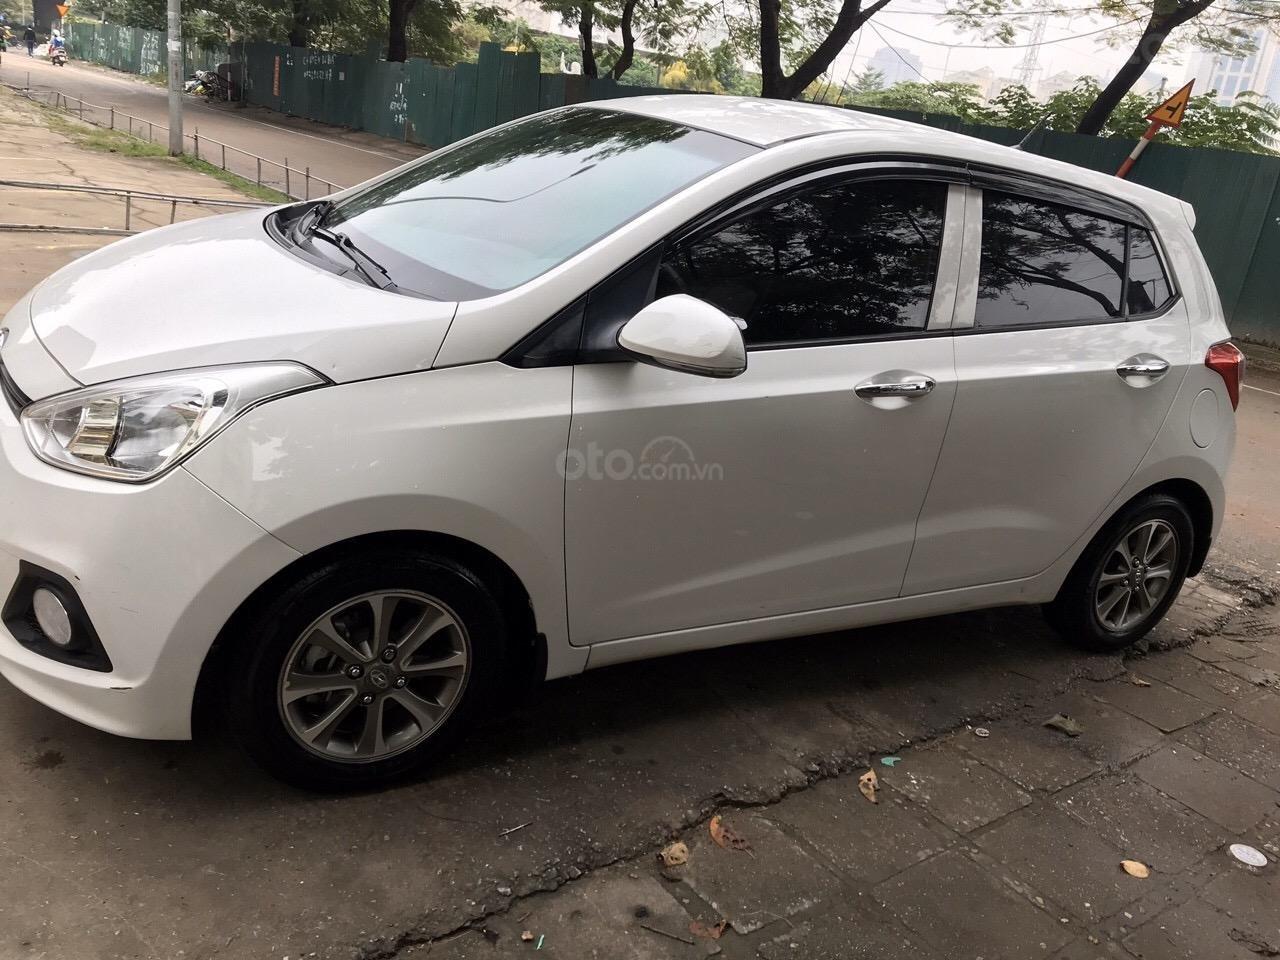 Bán xe Hyundai Grand i10 màu trắng, nhập khẩu nguyên chiếc chính hãng (5)